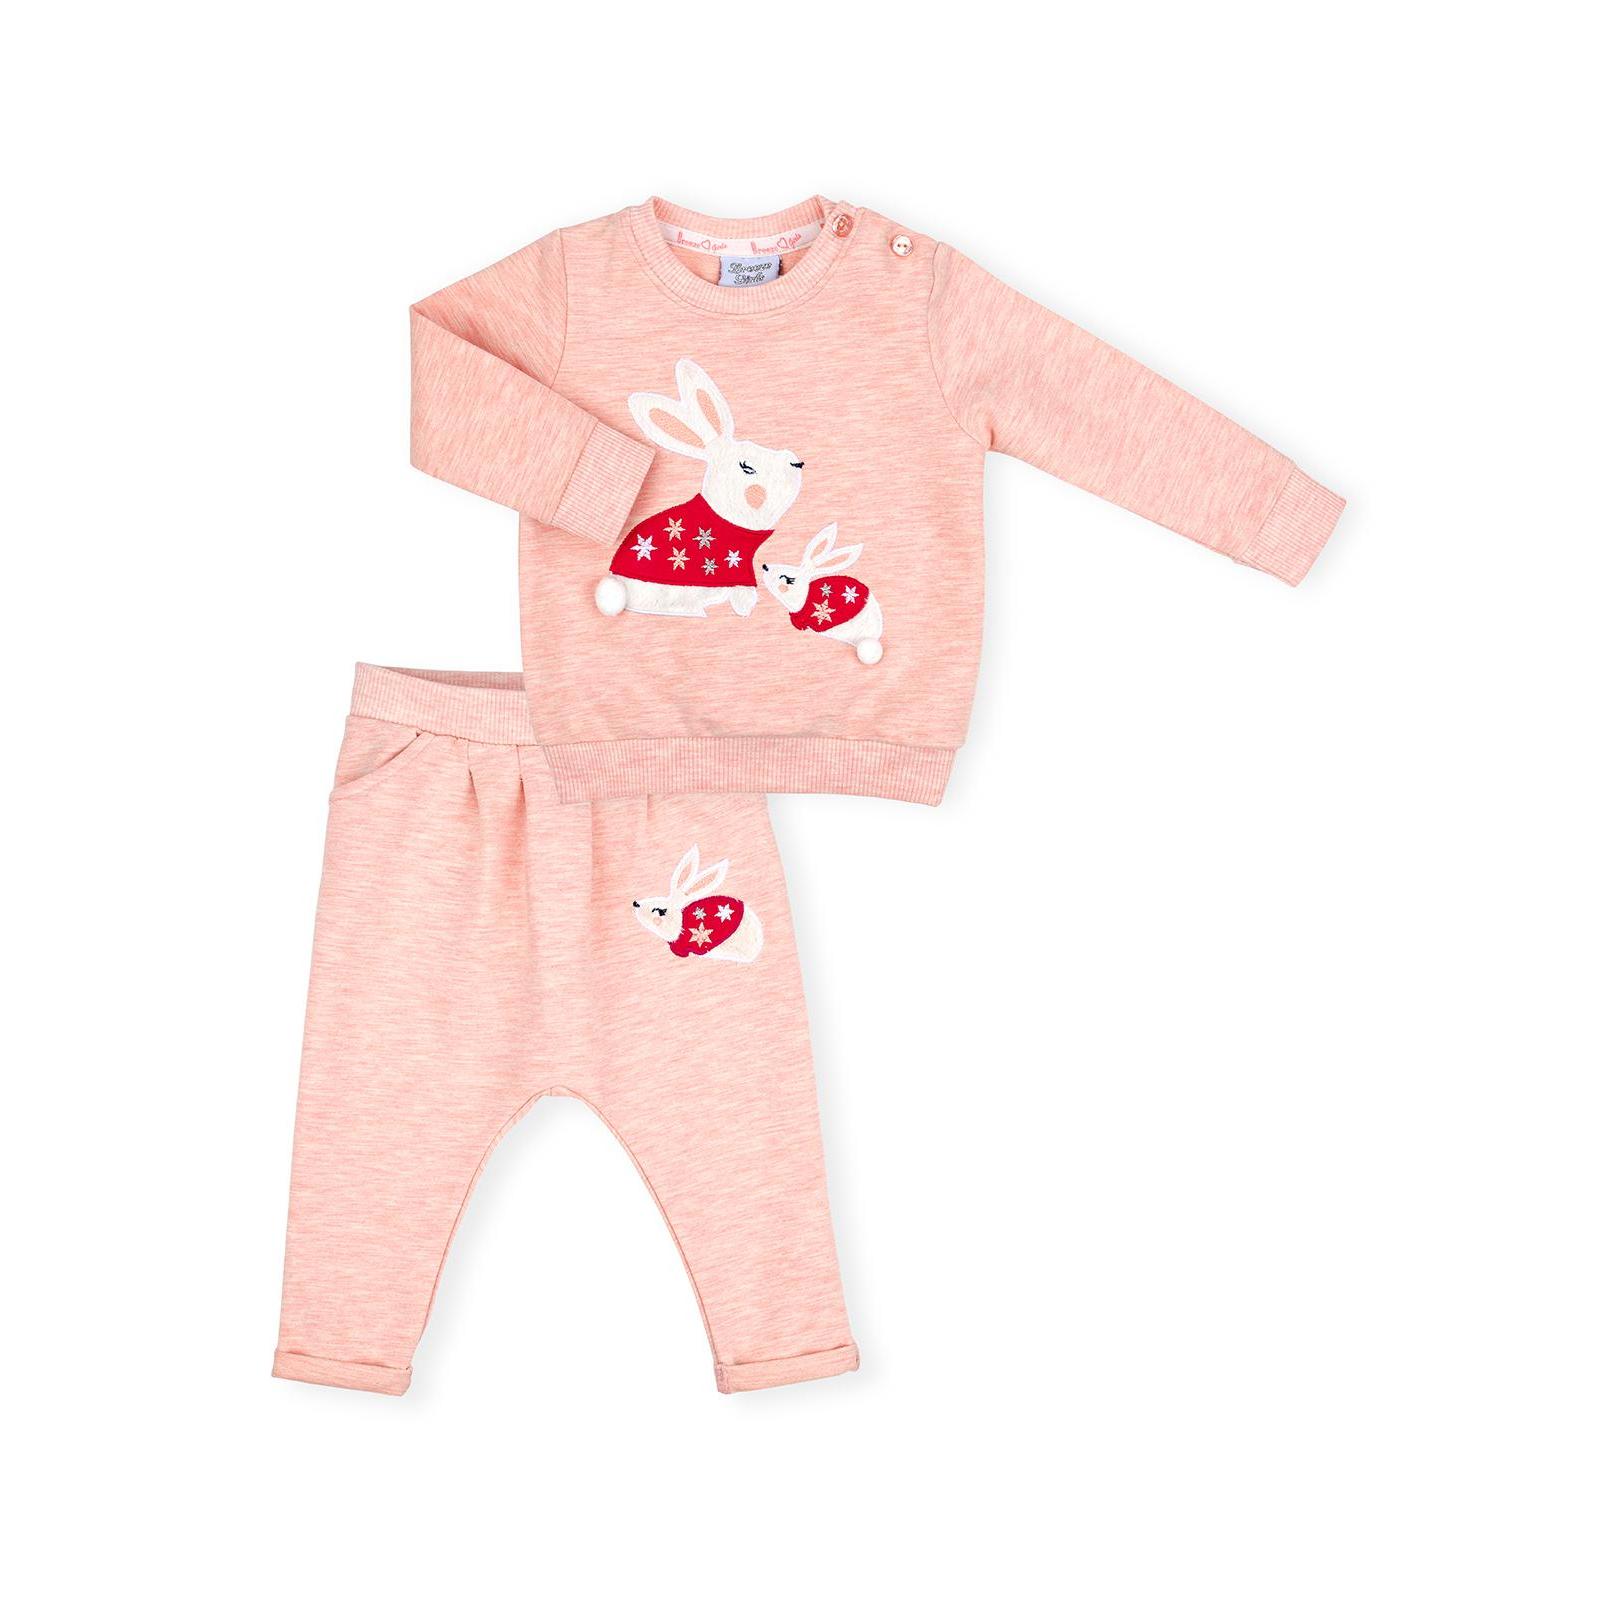 Набор детской одежды Breeze с зайчиками (10214-74G-peach)